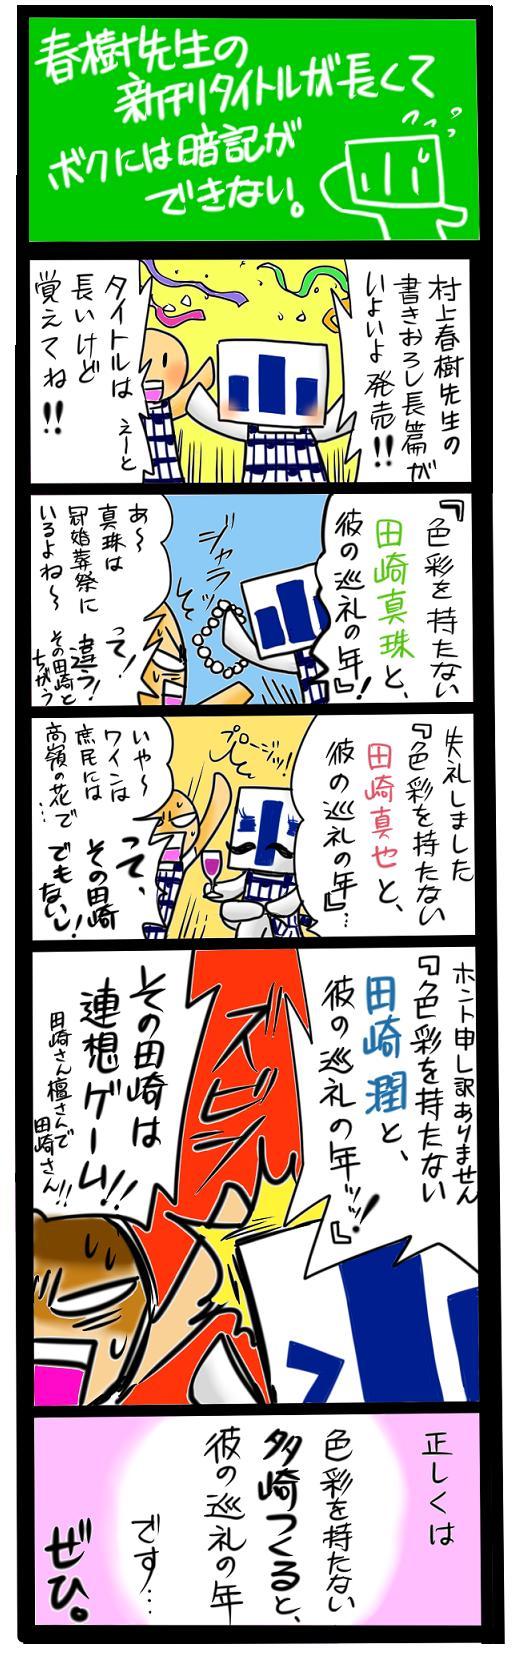 4komaharukisenseisinkan.JPG